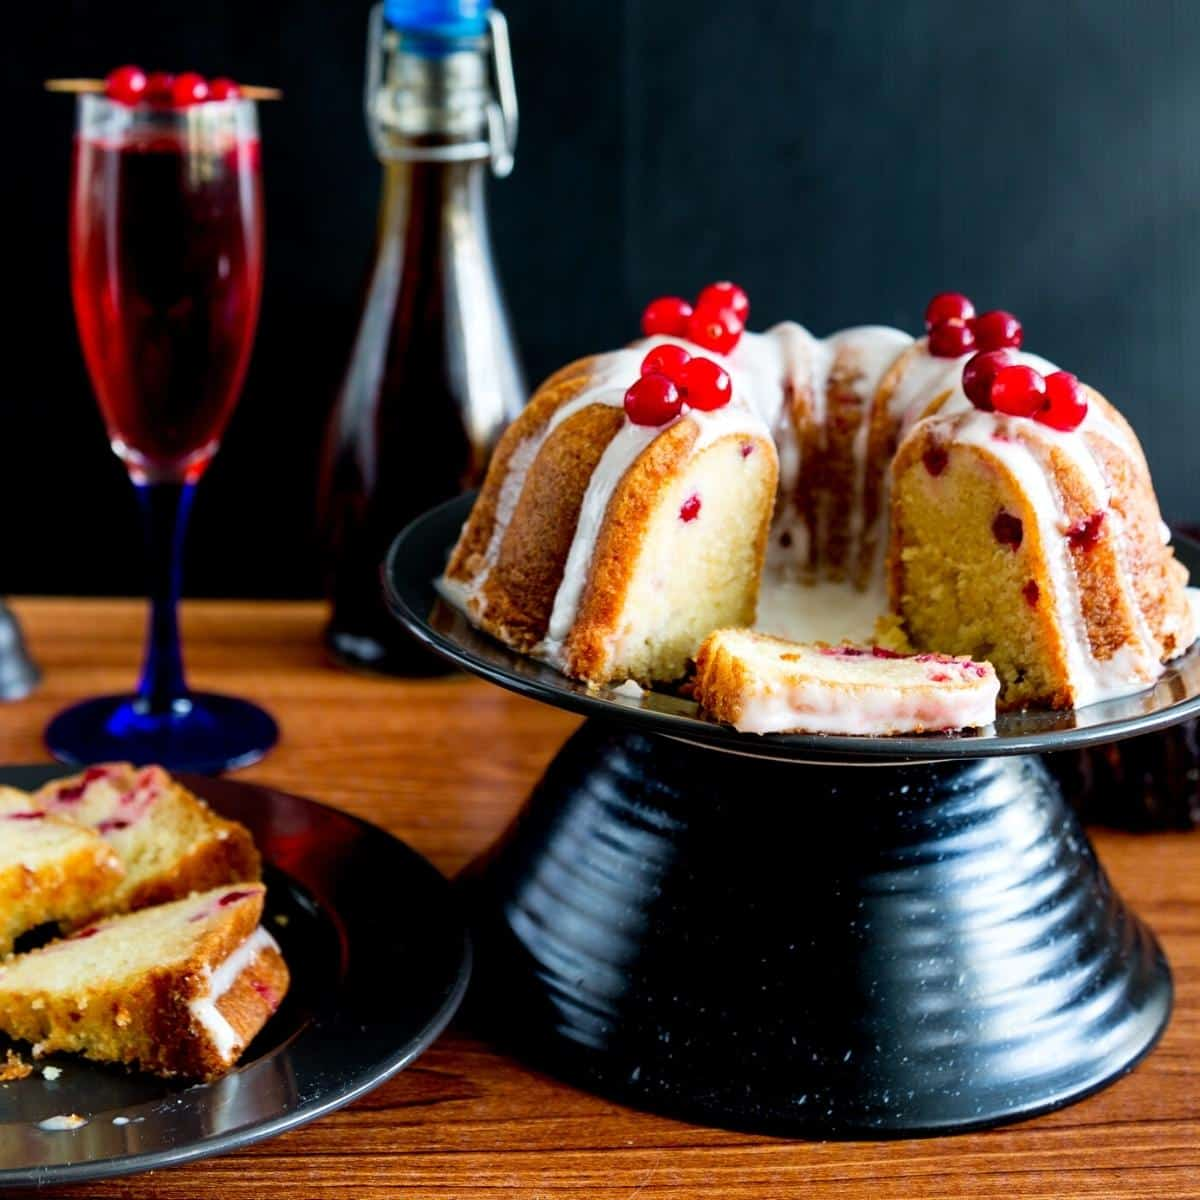 A bundt cake on a cake board